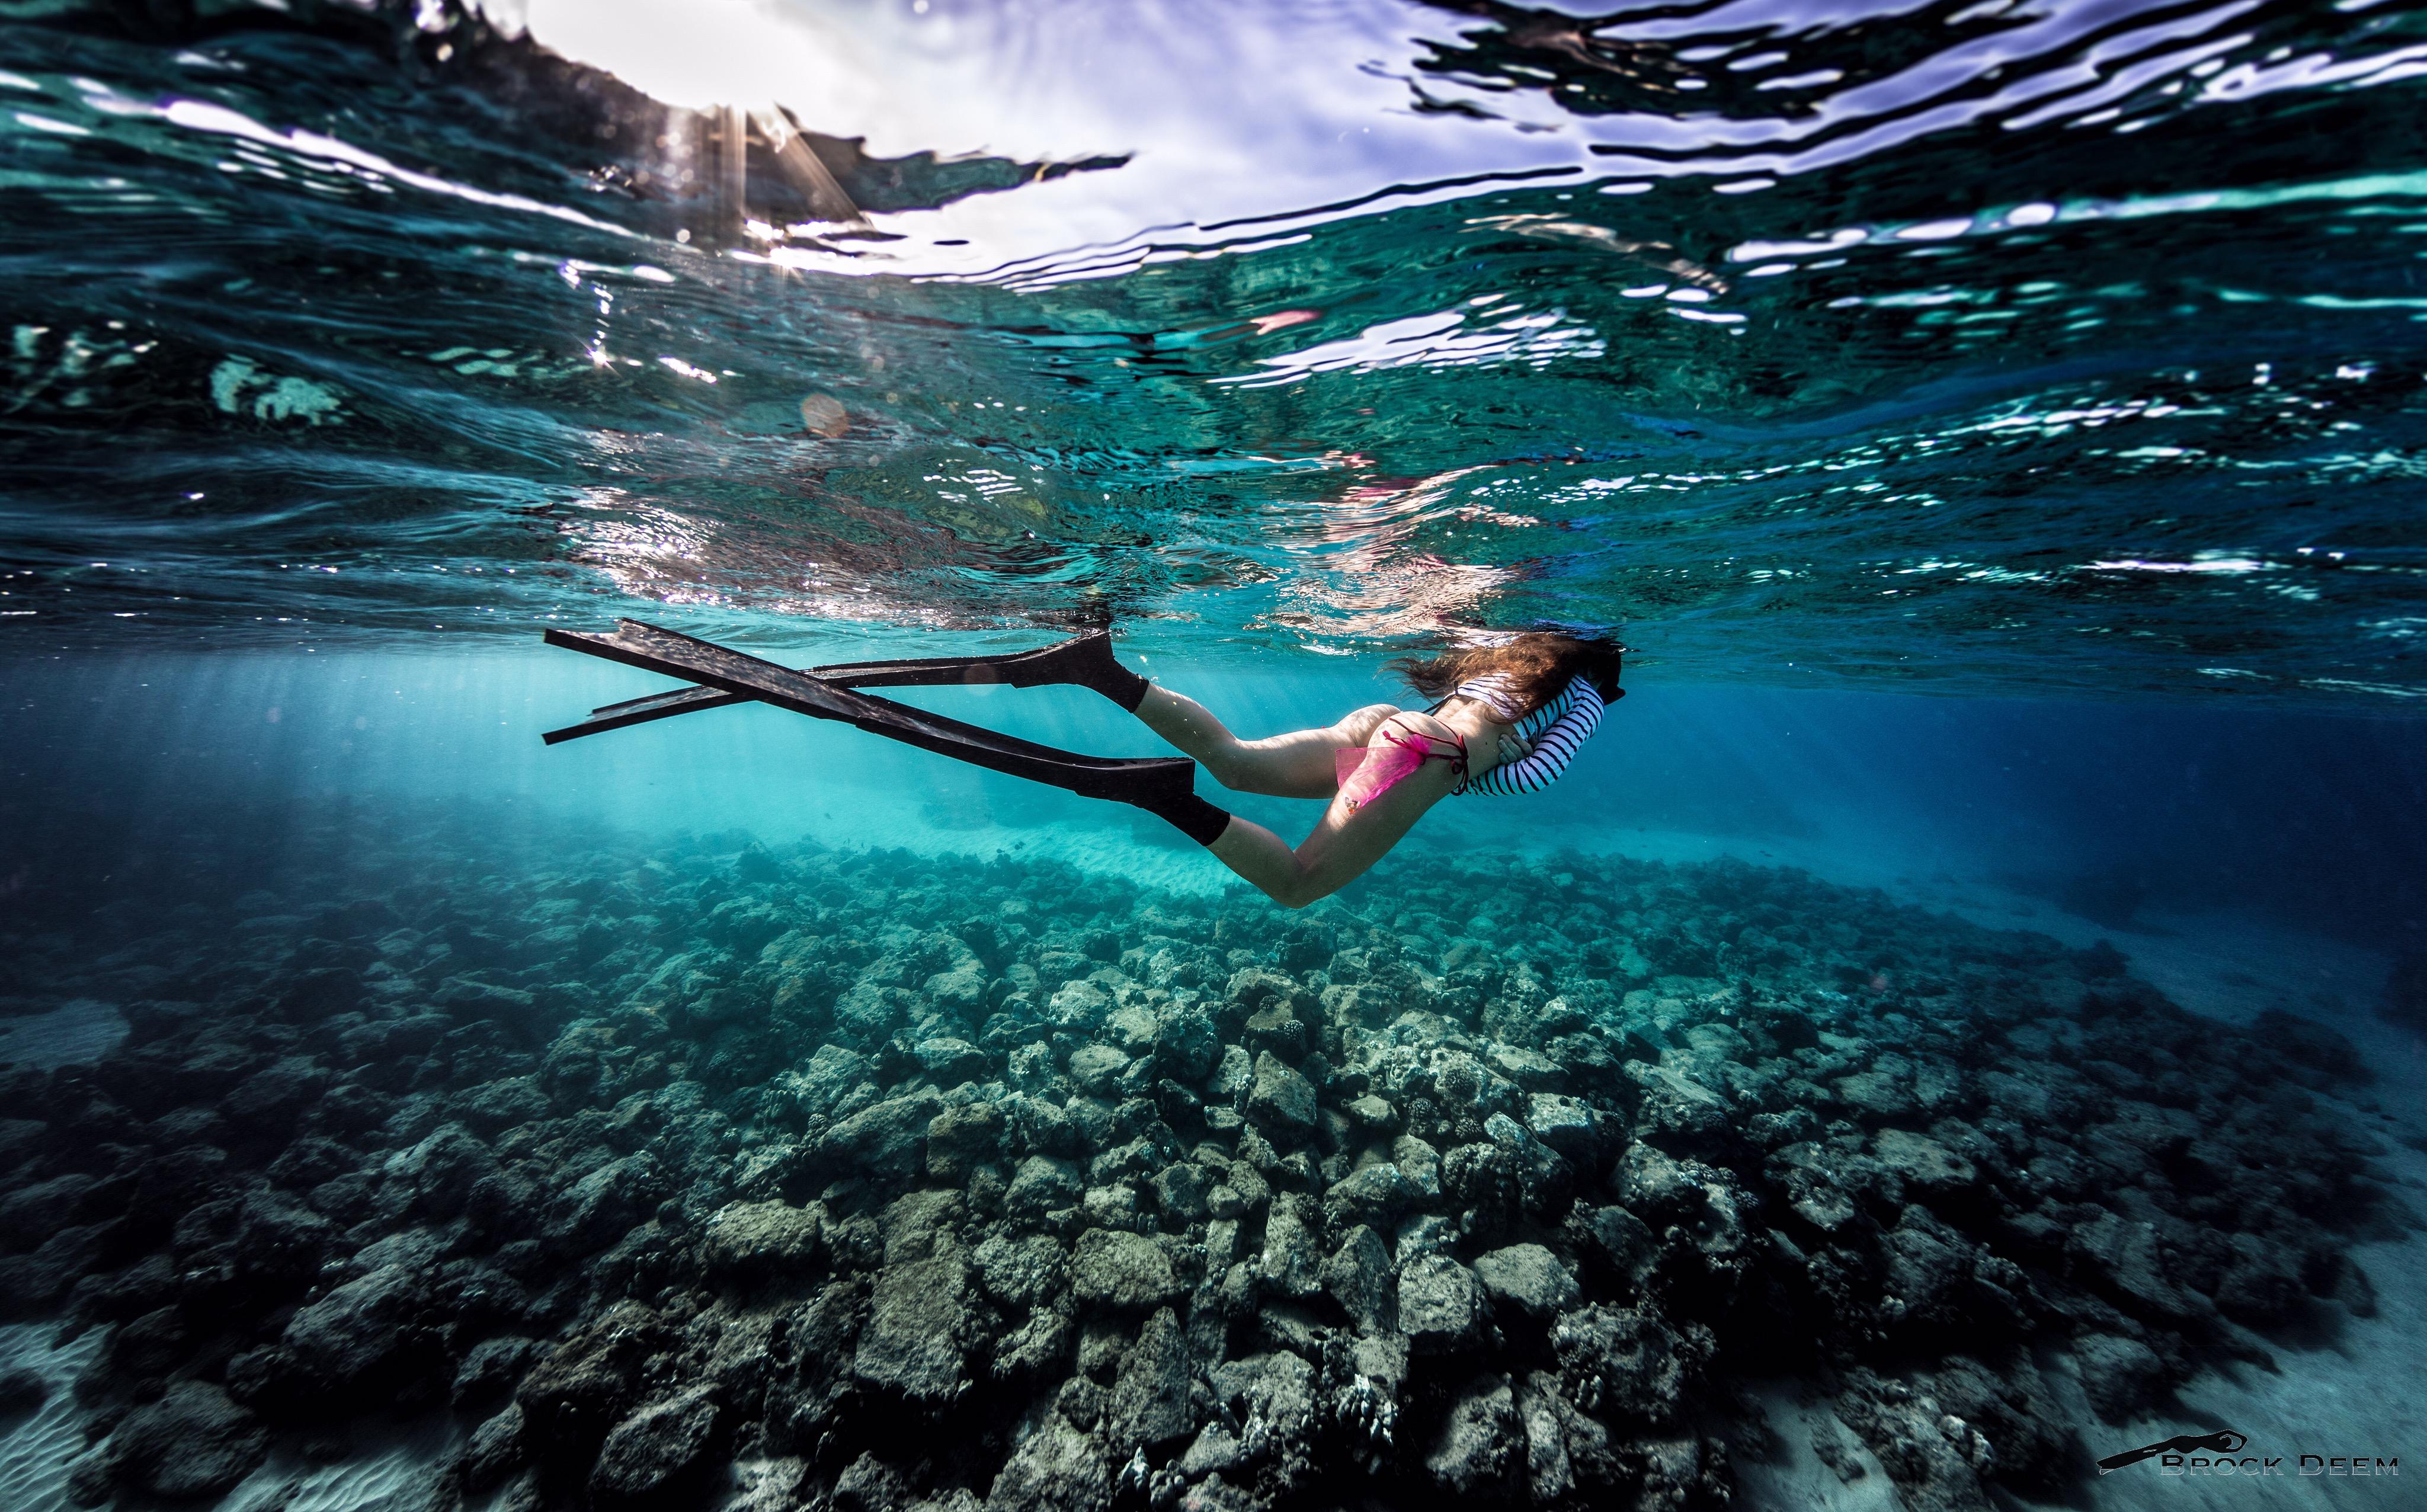 движение фото плывущего под водой человека порою